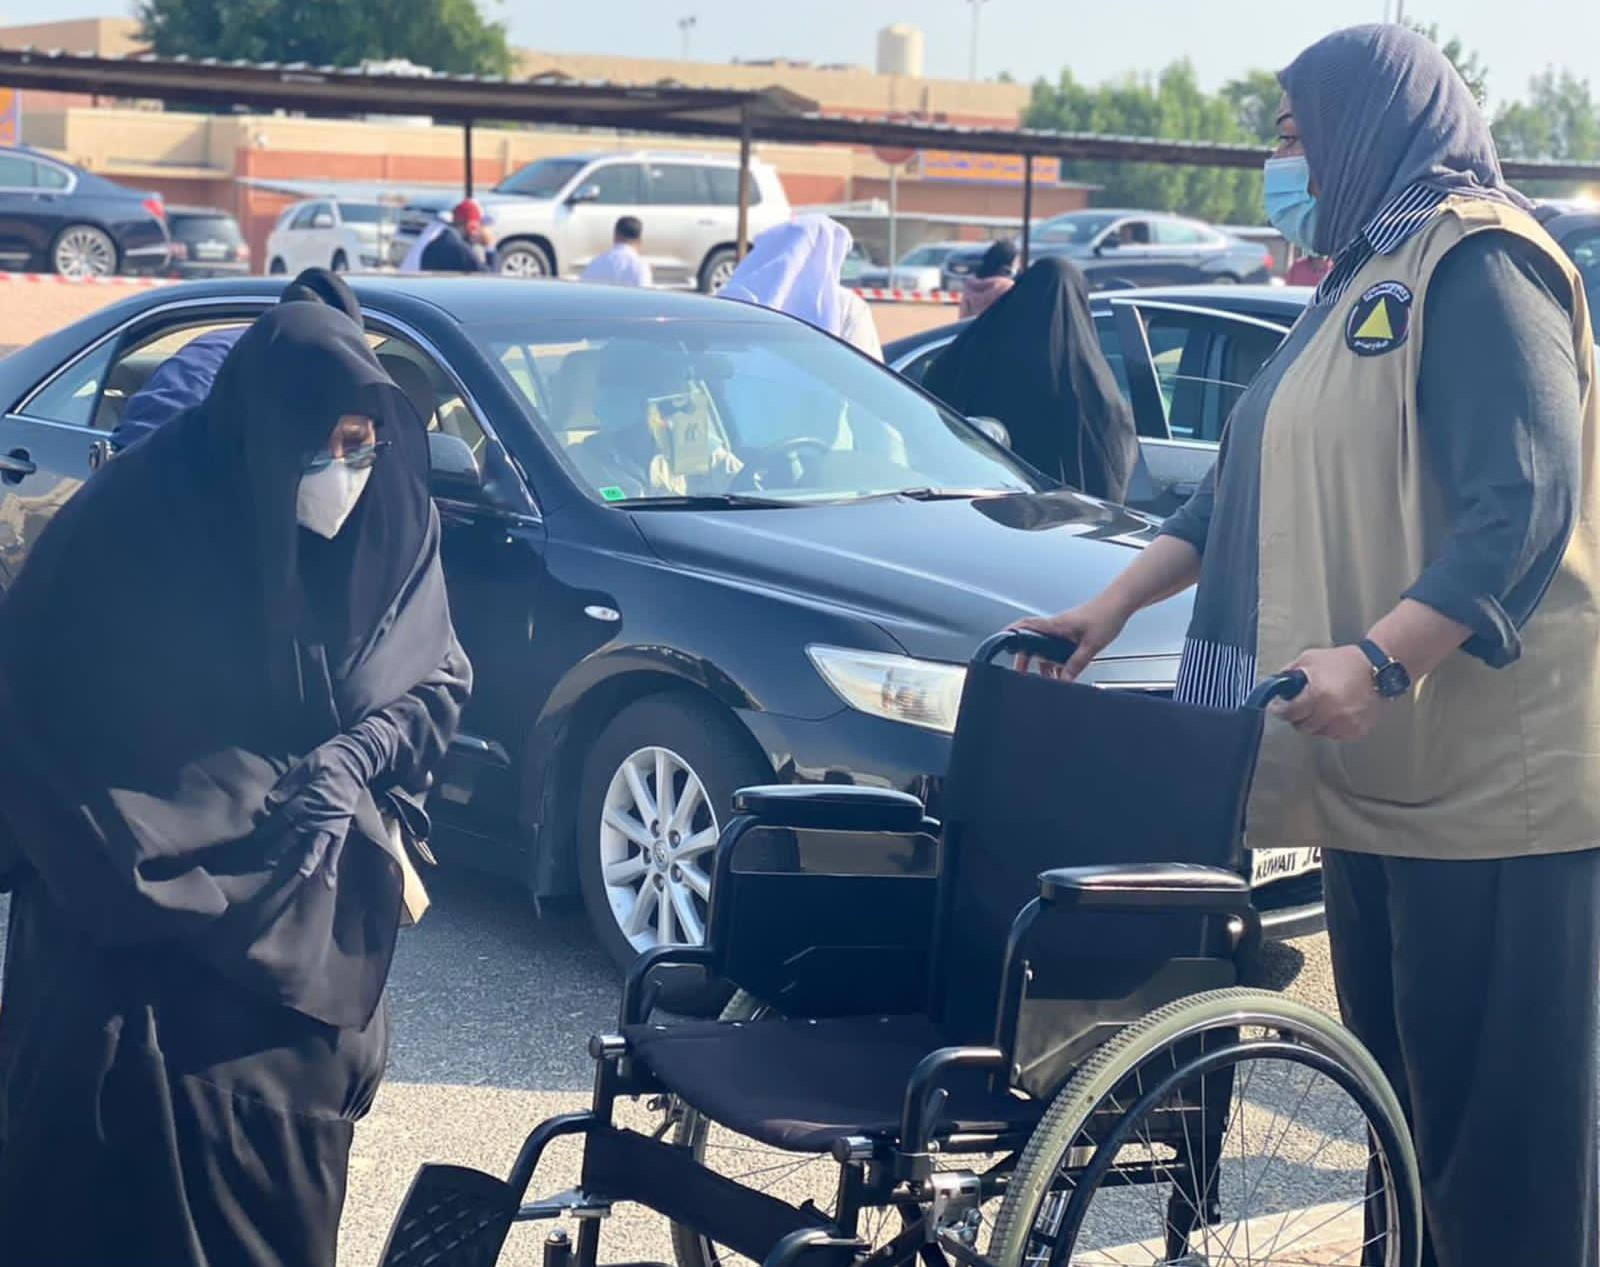 مسنة كويتية خلال قدومها للإدلاء بصوتها في انتخابات مجلس الأمة. ( وزارة الإعلام الكويتية)